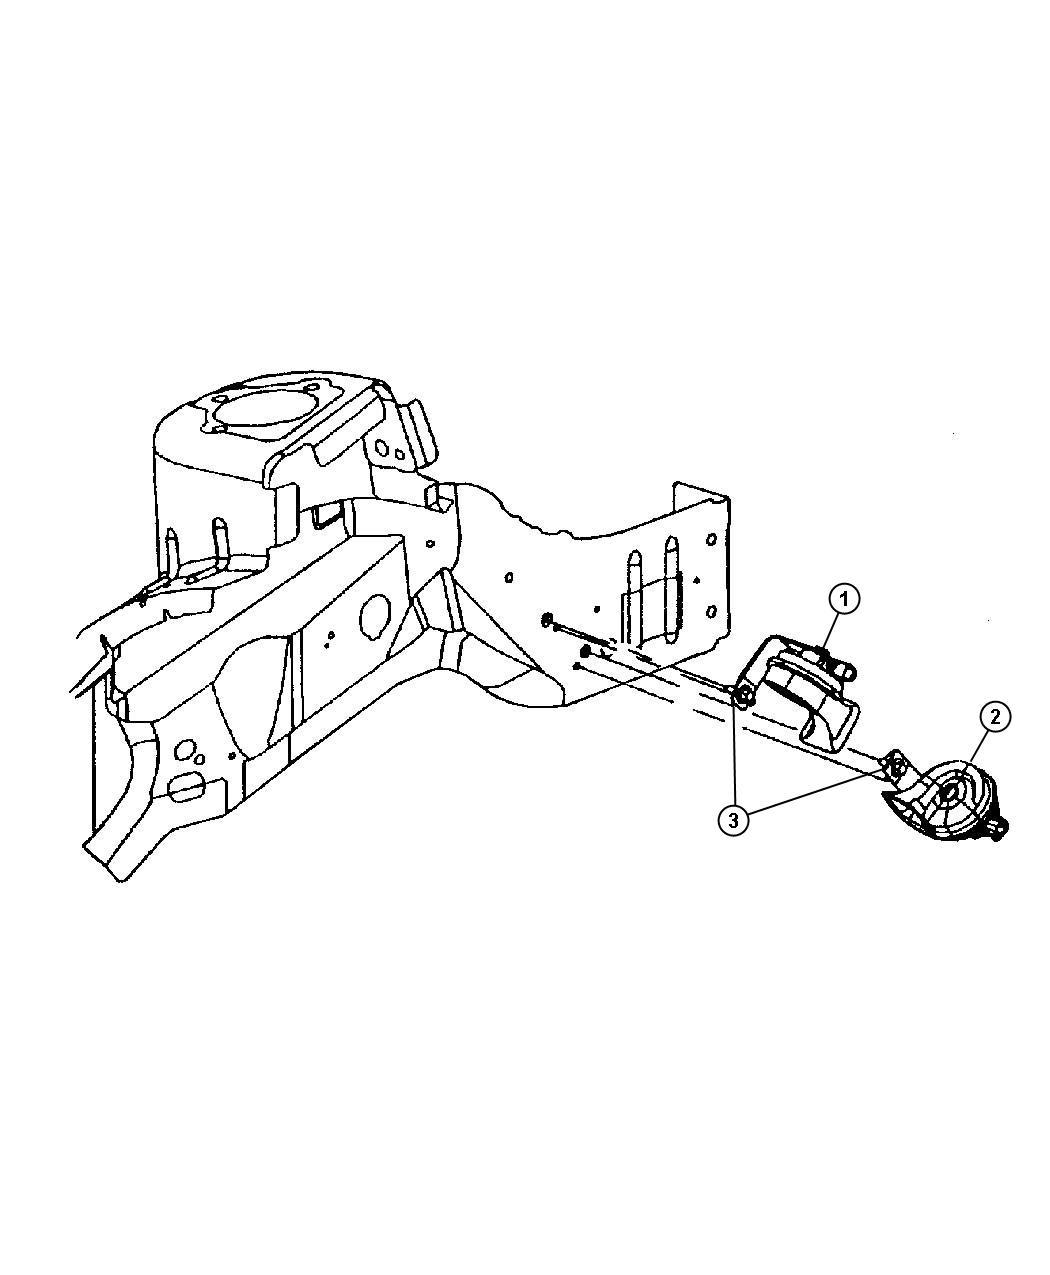 Chrysler PT Cruiser Used for: HORN AND BRACKET. High Note